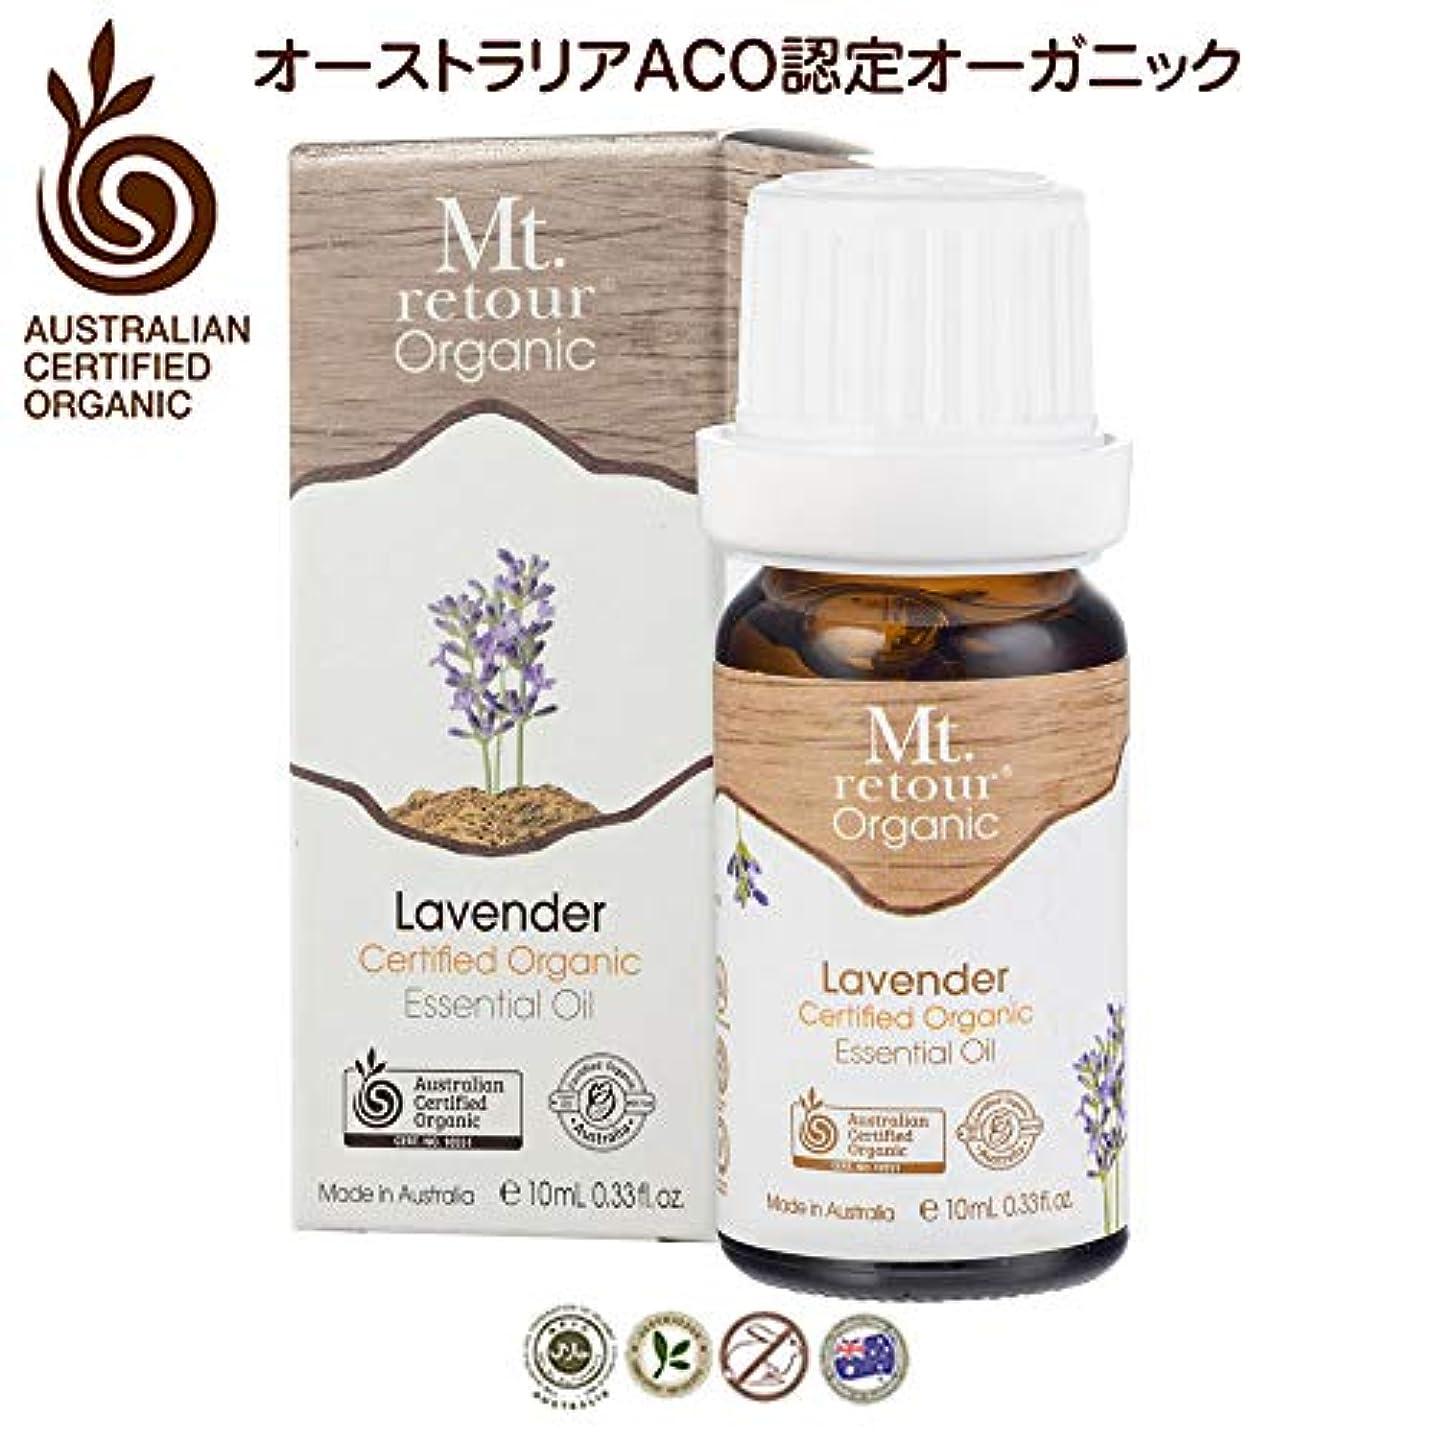 数値男らしい道を作るMt. retour ACO認定オーガニック ラベンダー10ml エッセンシャルオイル(無農薬有機栽培)アロマ